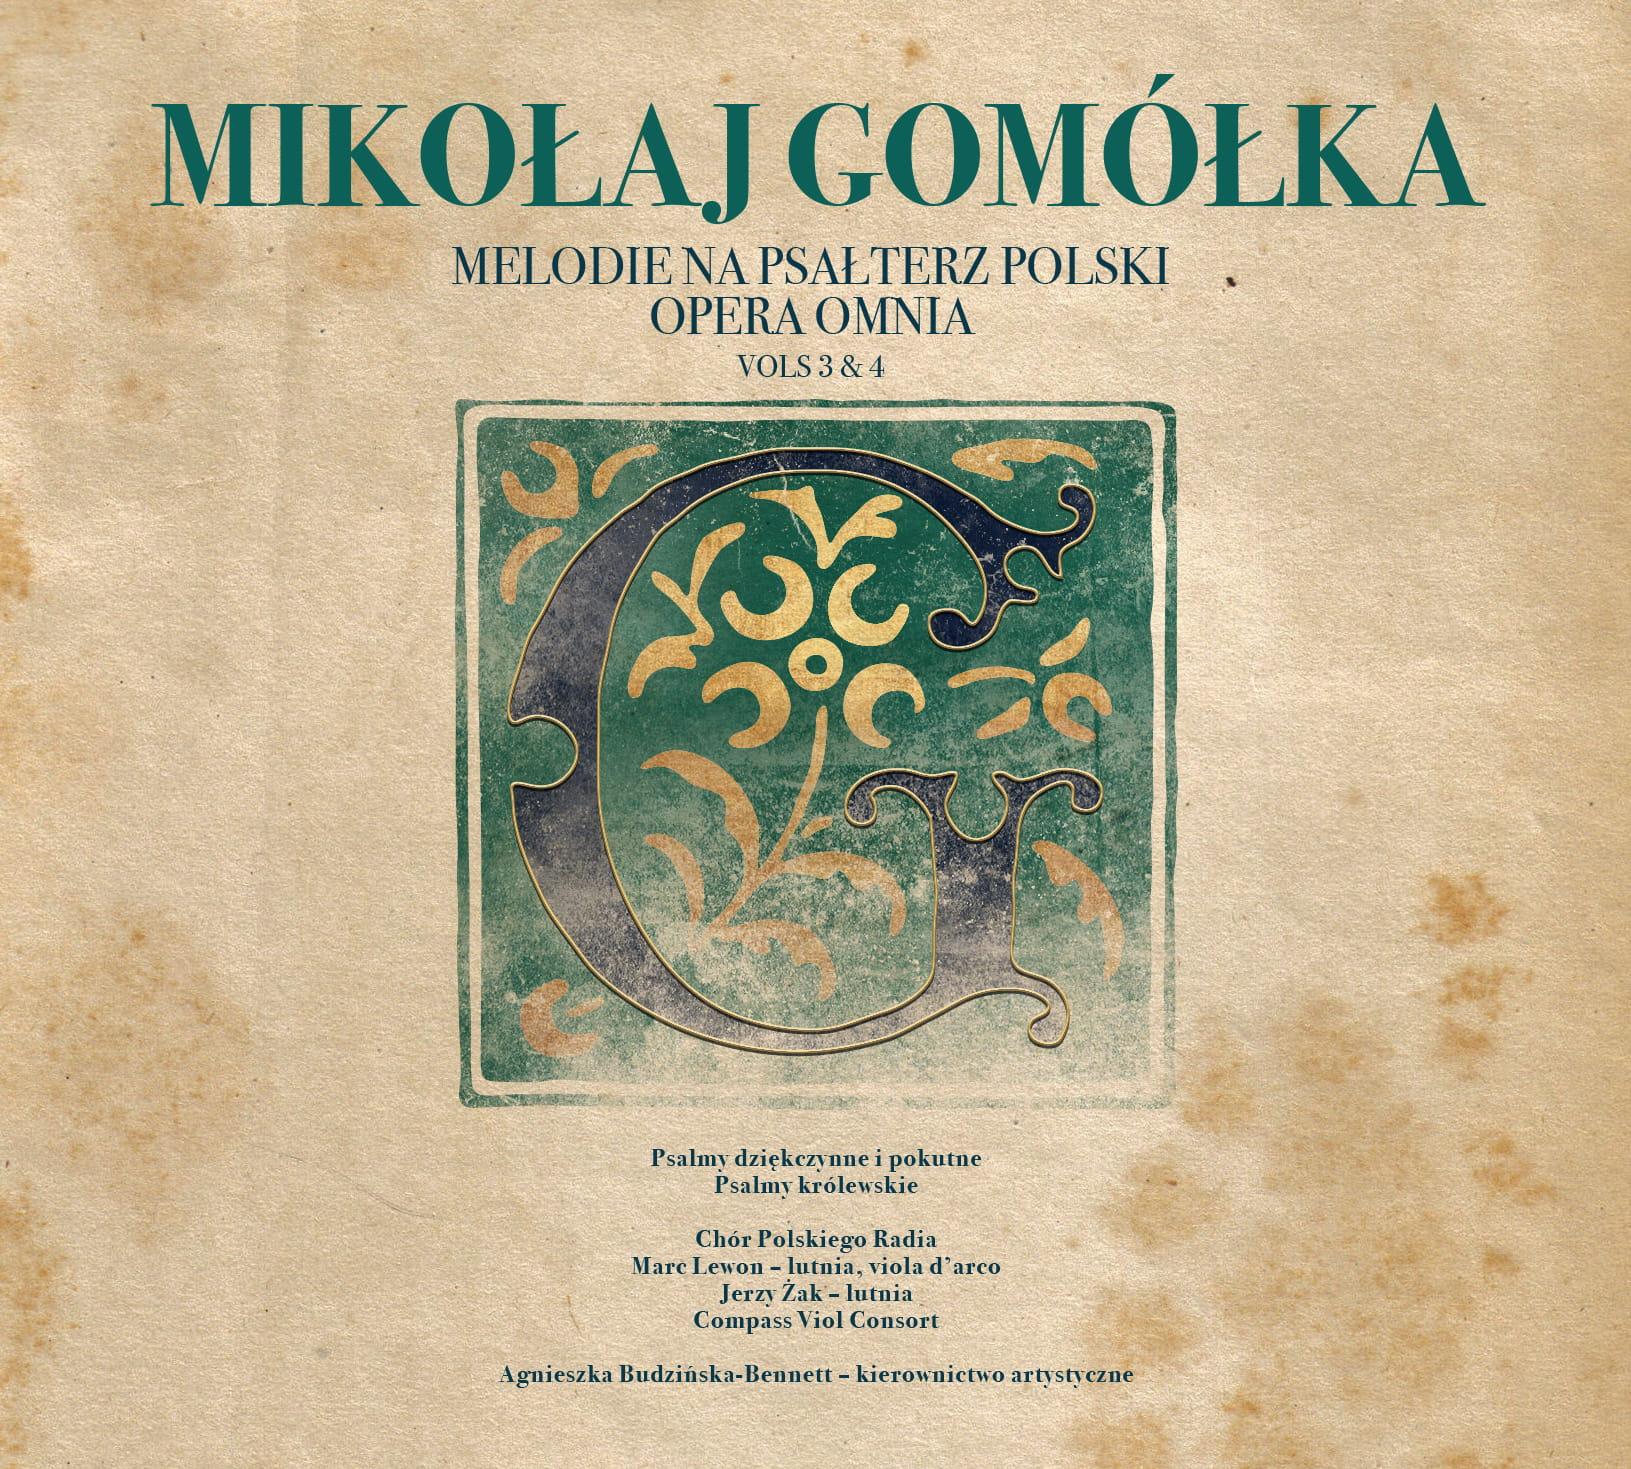 Mikołaj Gomółka - Melodie na psałterz polski. Opera Omnia vol. 3 & 4 [2 CD]